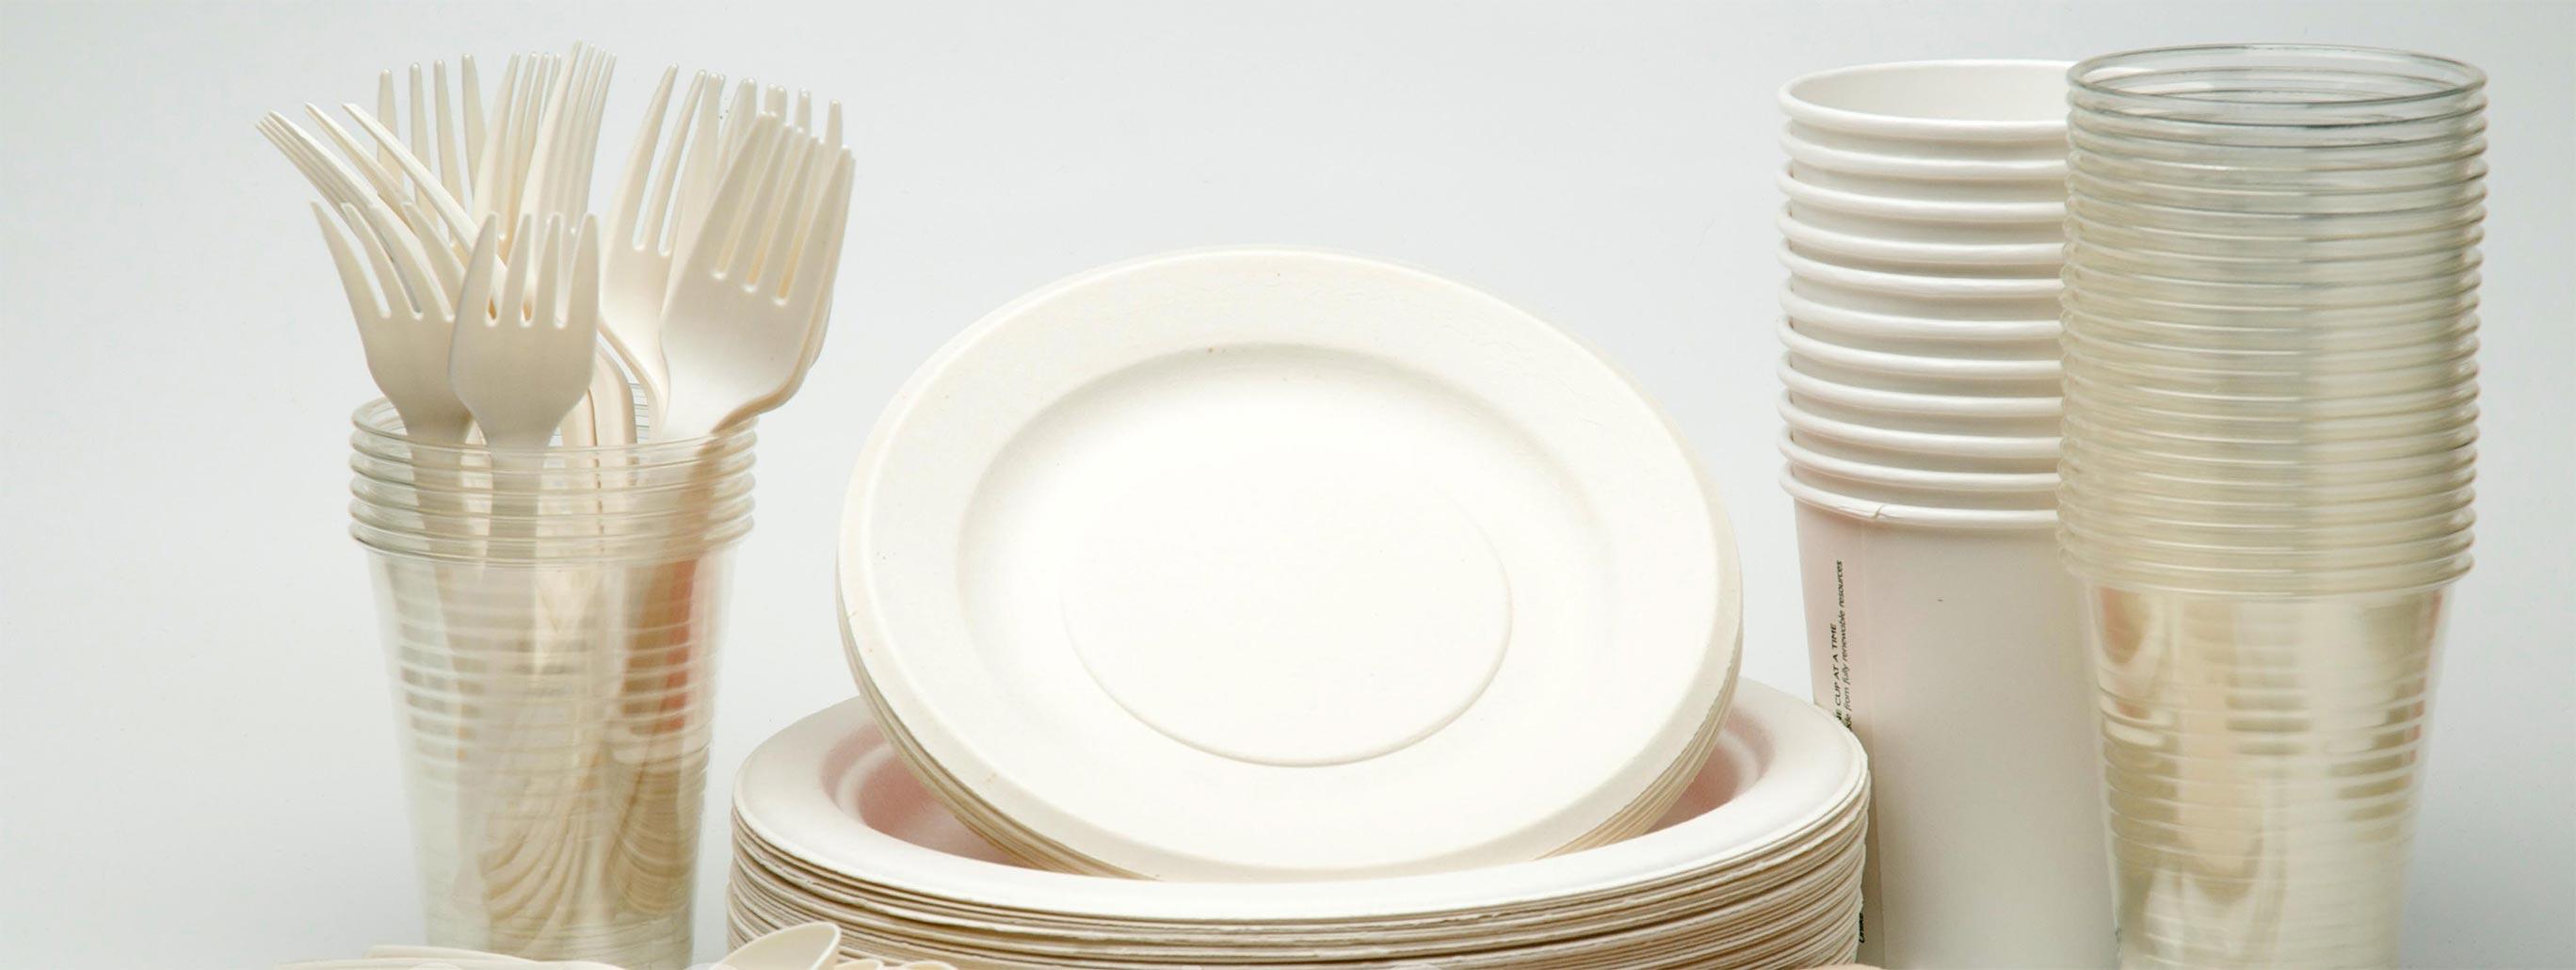 فروشندگان ظروف یکبار مصرف گیاهی